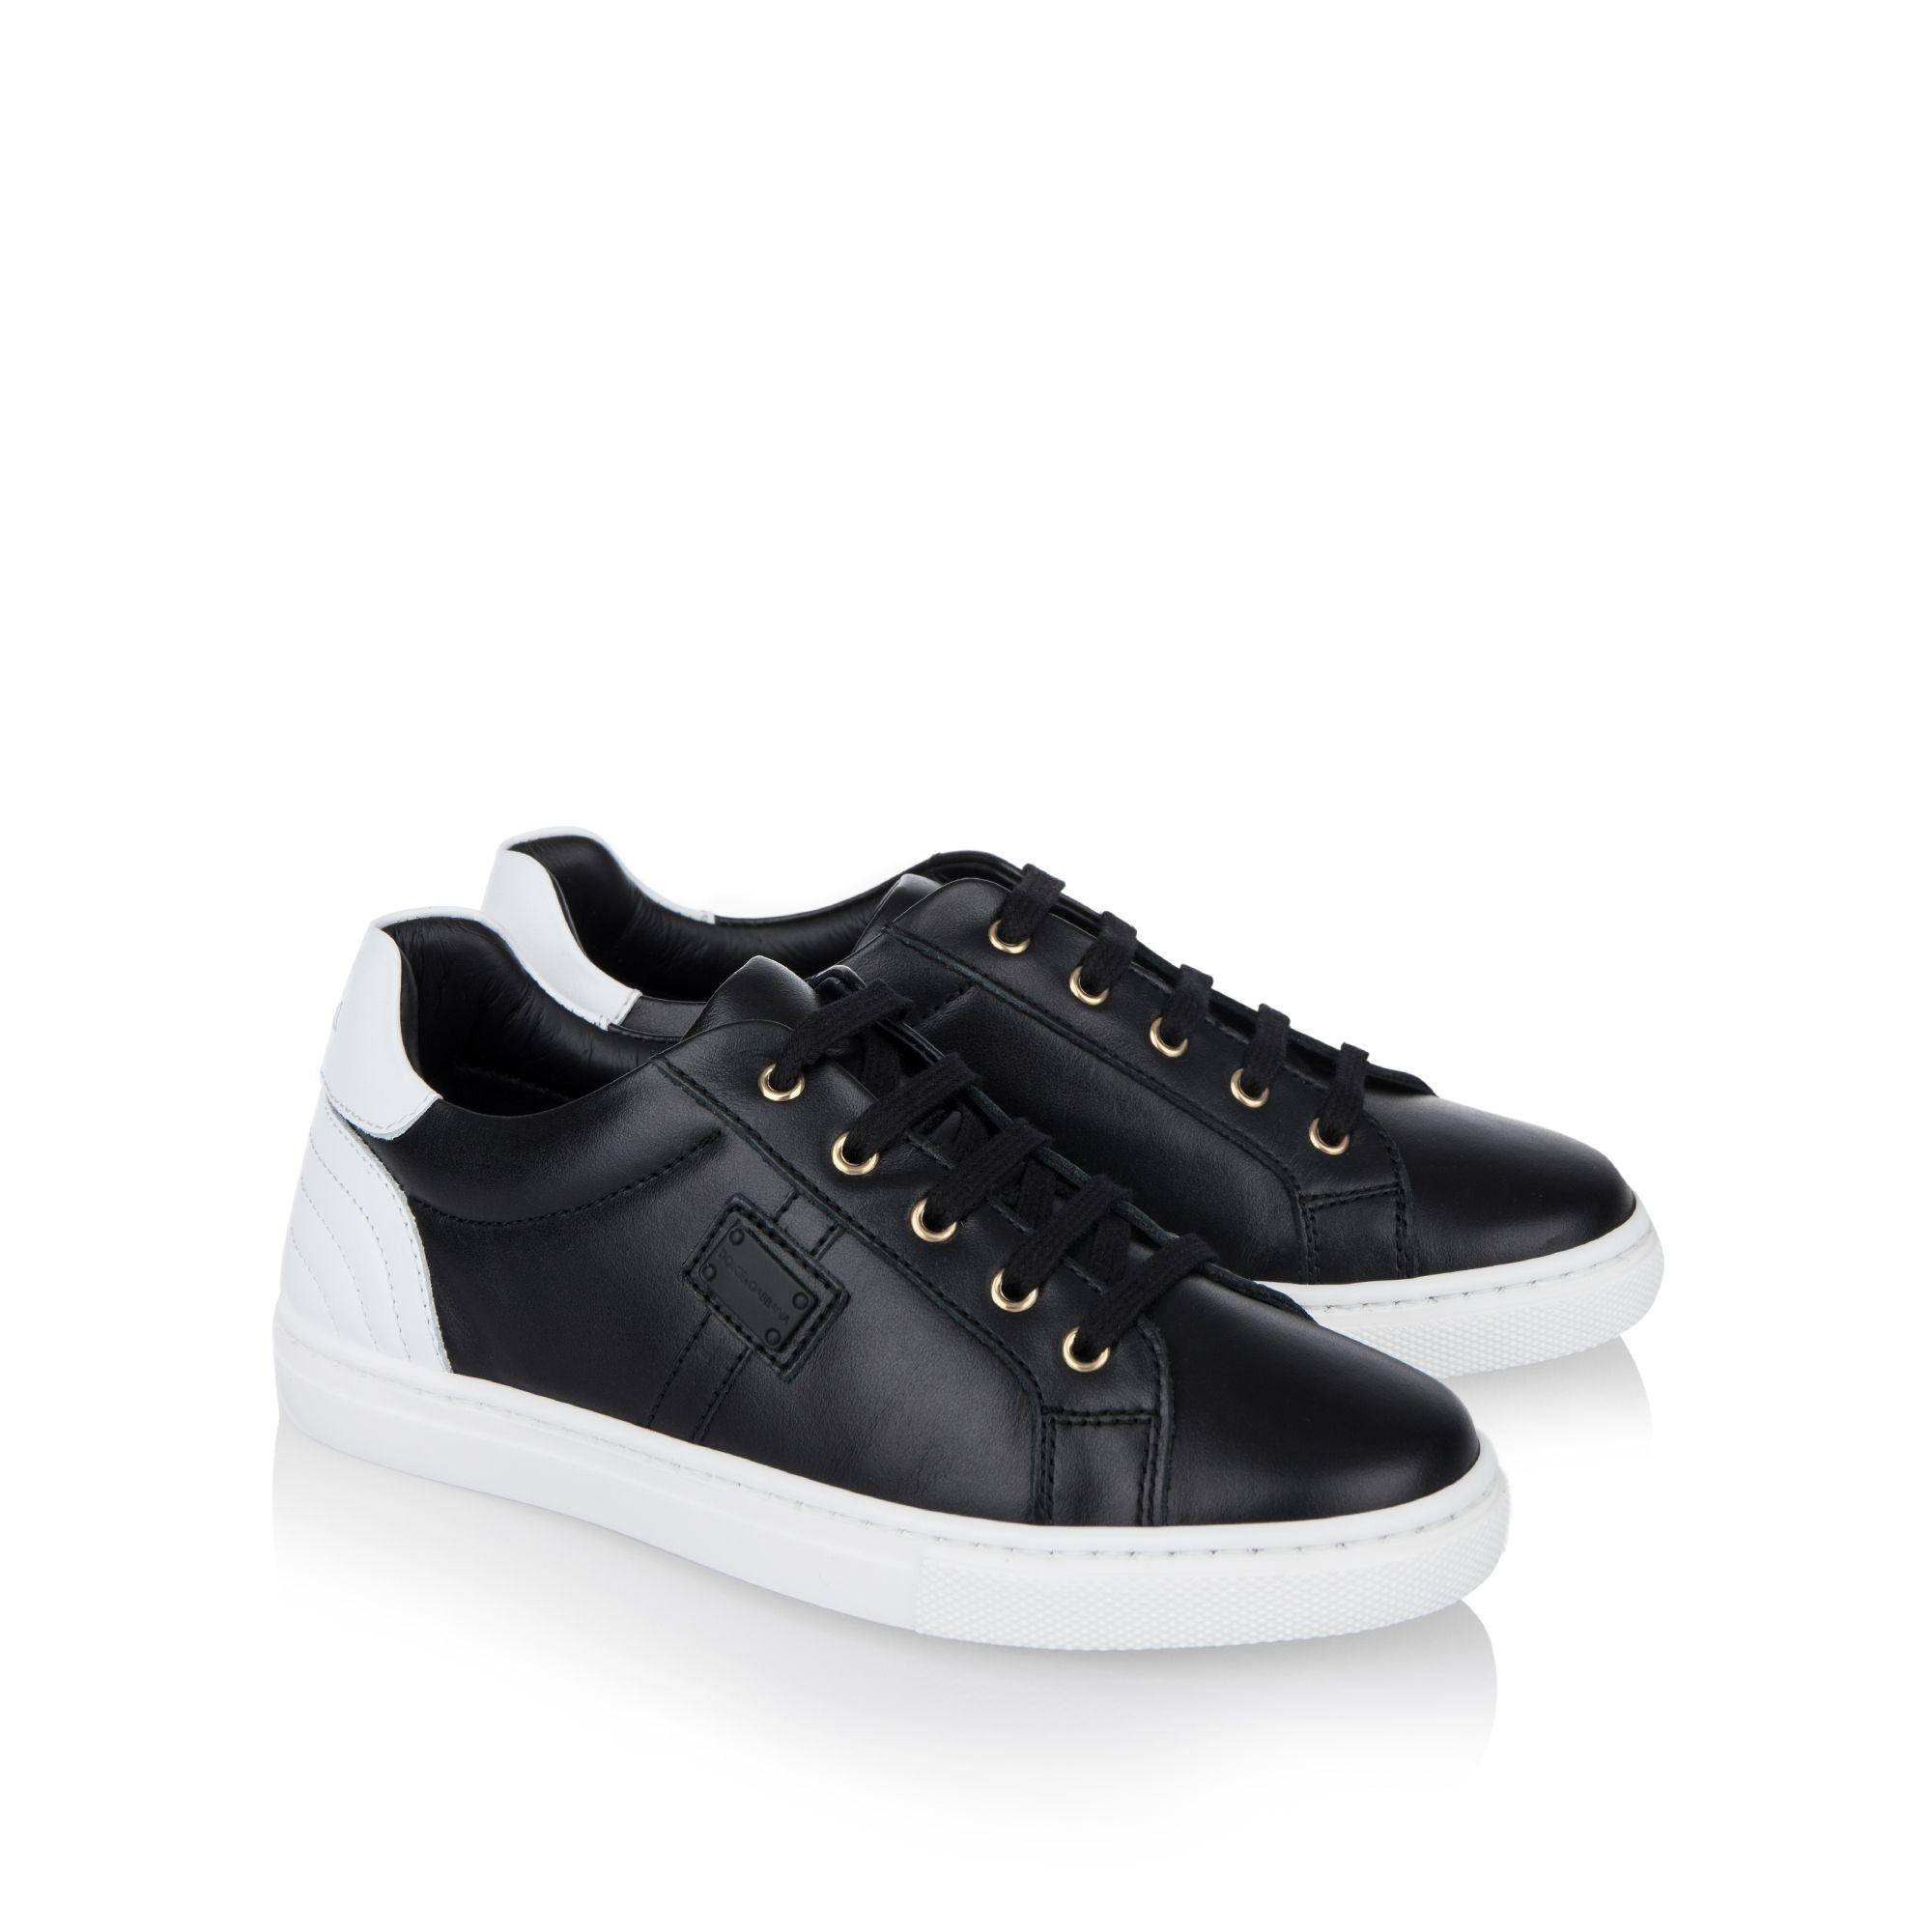 Günstig Kaufen Erschwinglich Auslassstellen Günstiger Preis VIBRAM SOLE CONTRAST - Sneaker low - white Bester Großhandel Zu Verkaufen Fälschung Angebote Online suU44